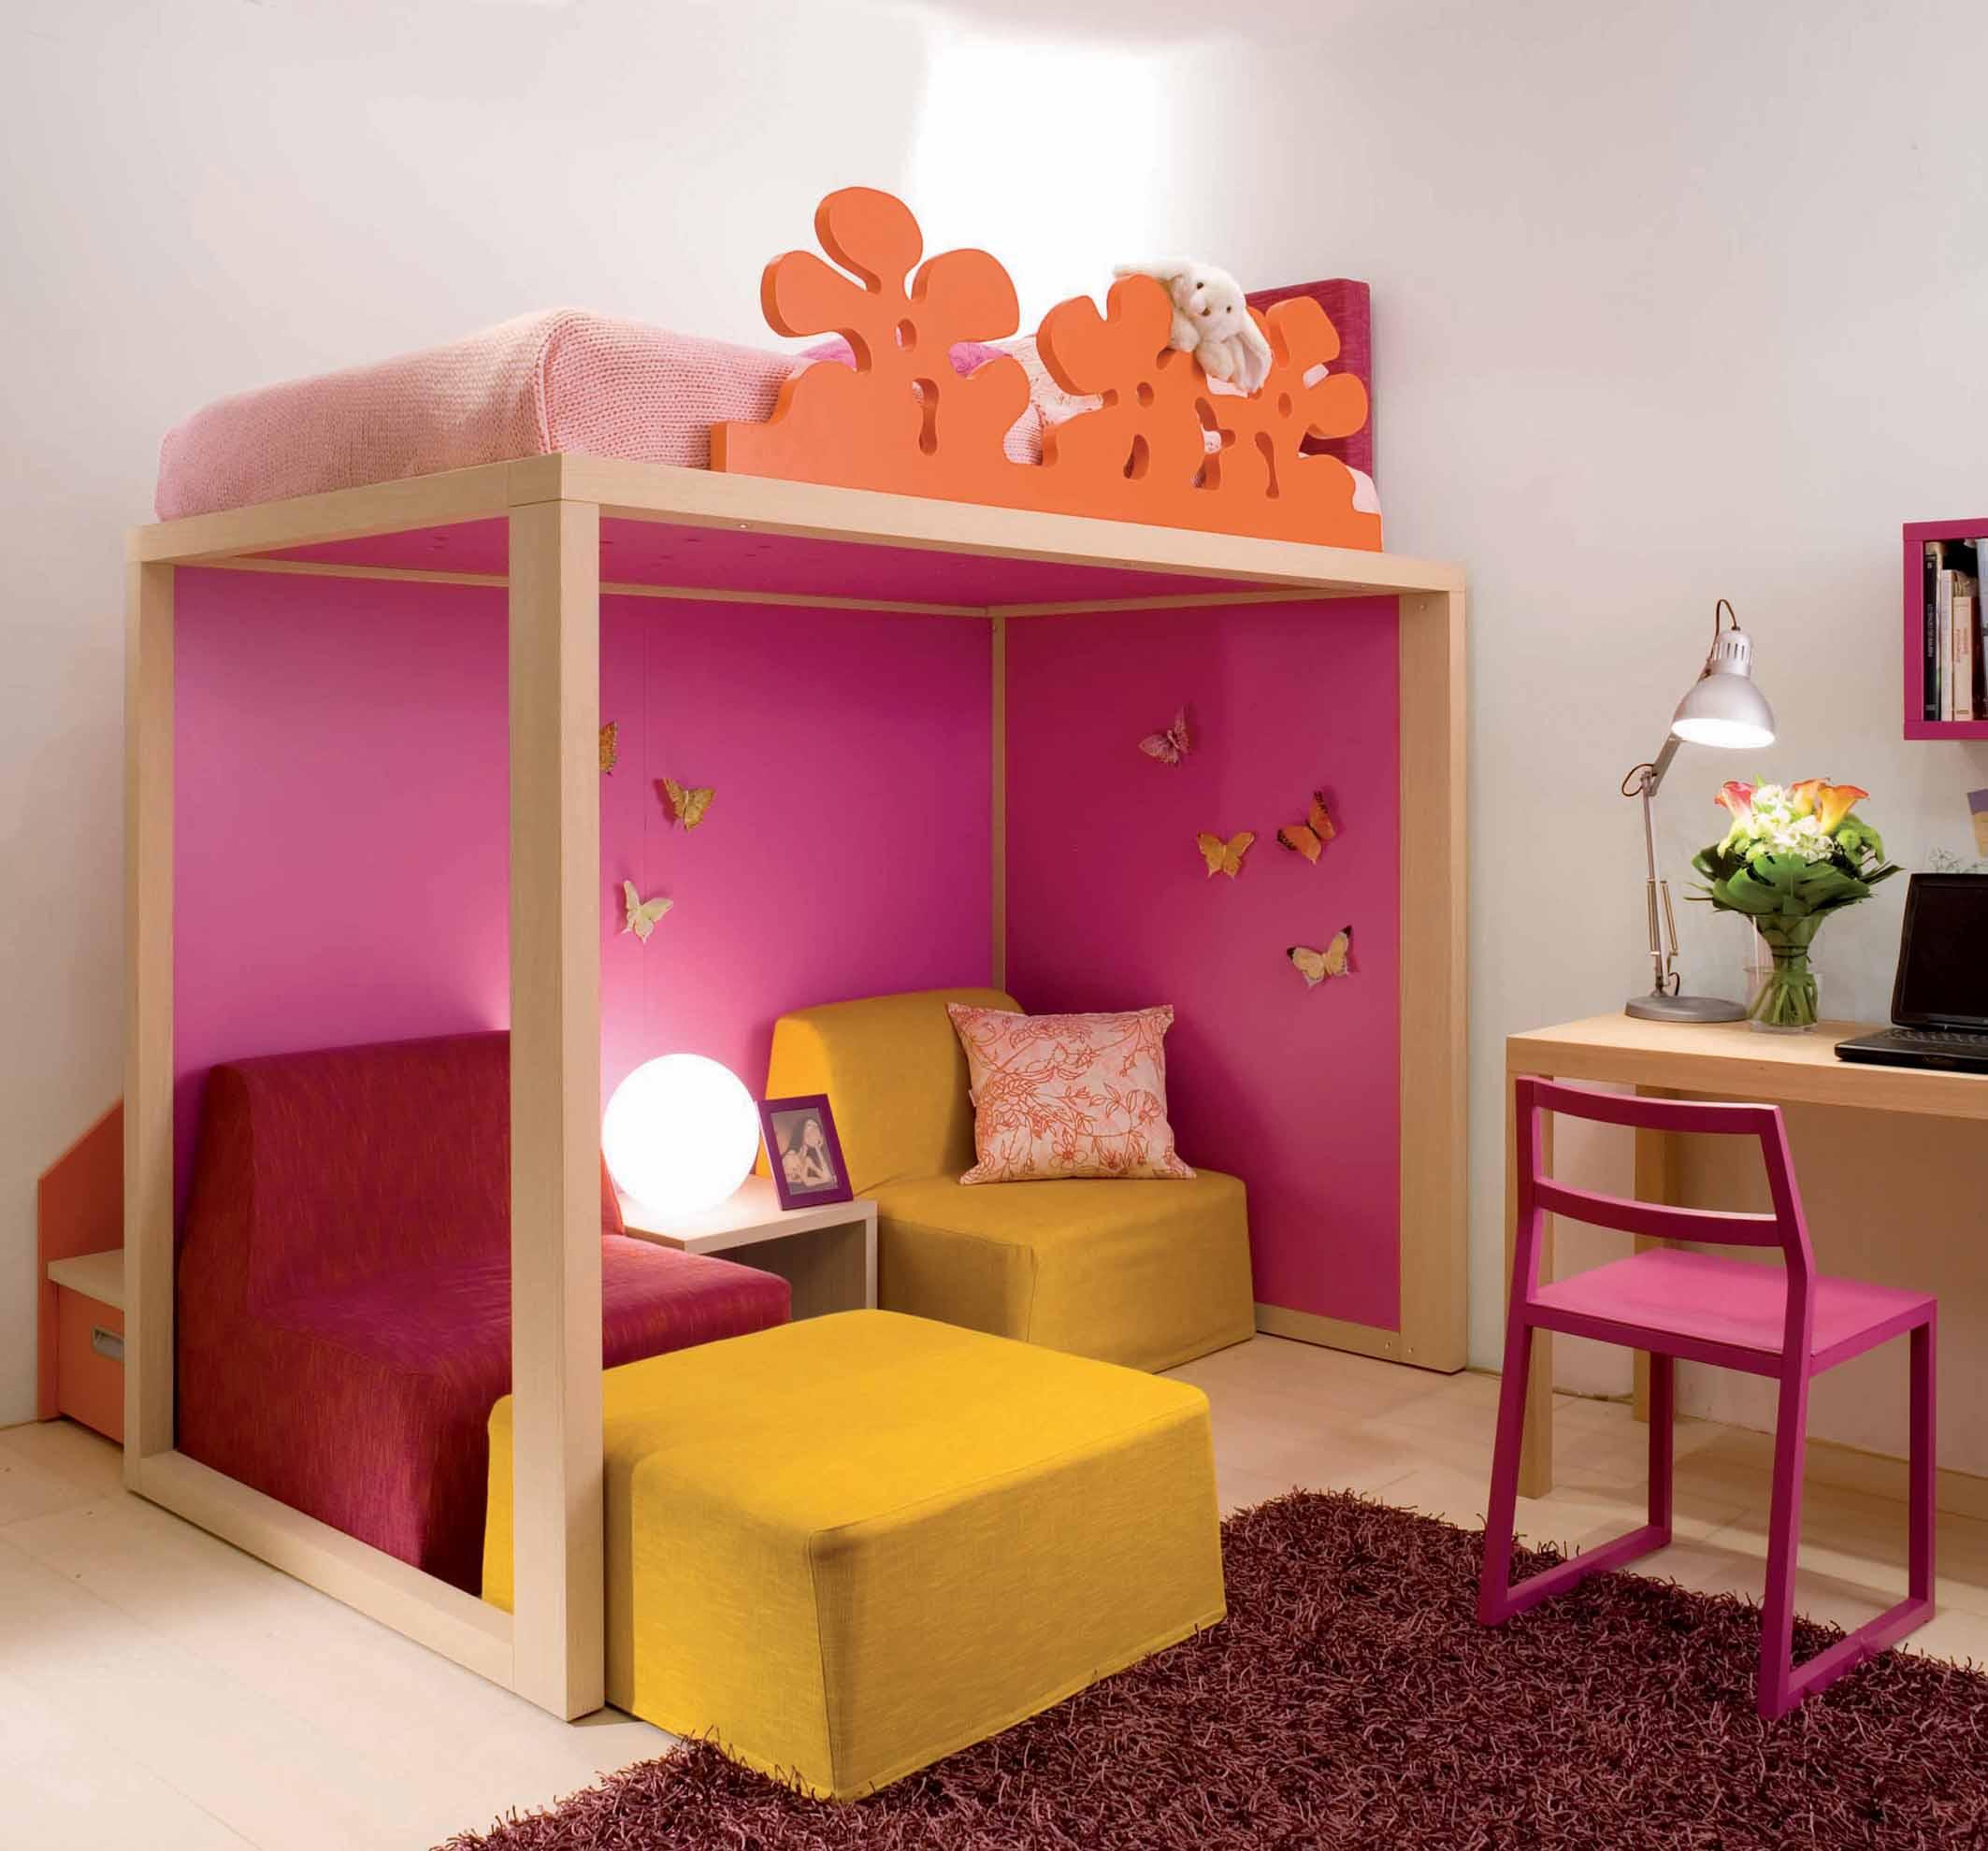 Design Hochbett für Jugendliche mit Sitzmöglichkeit